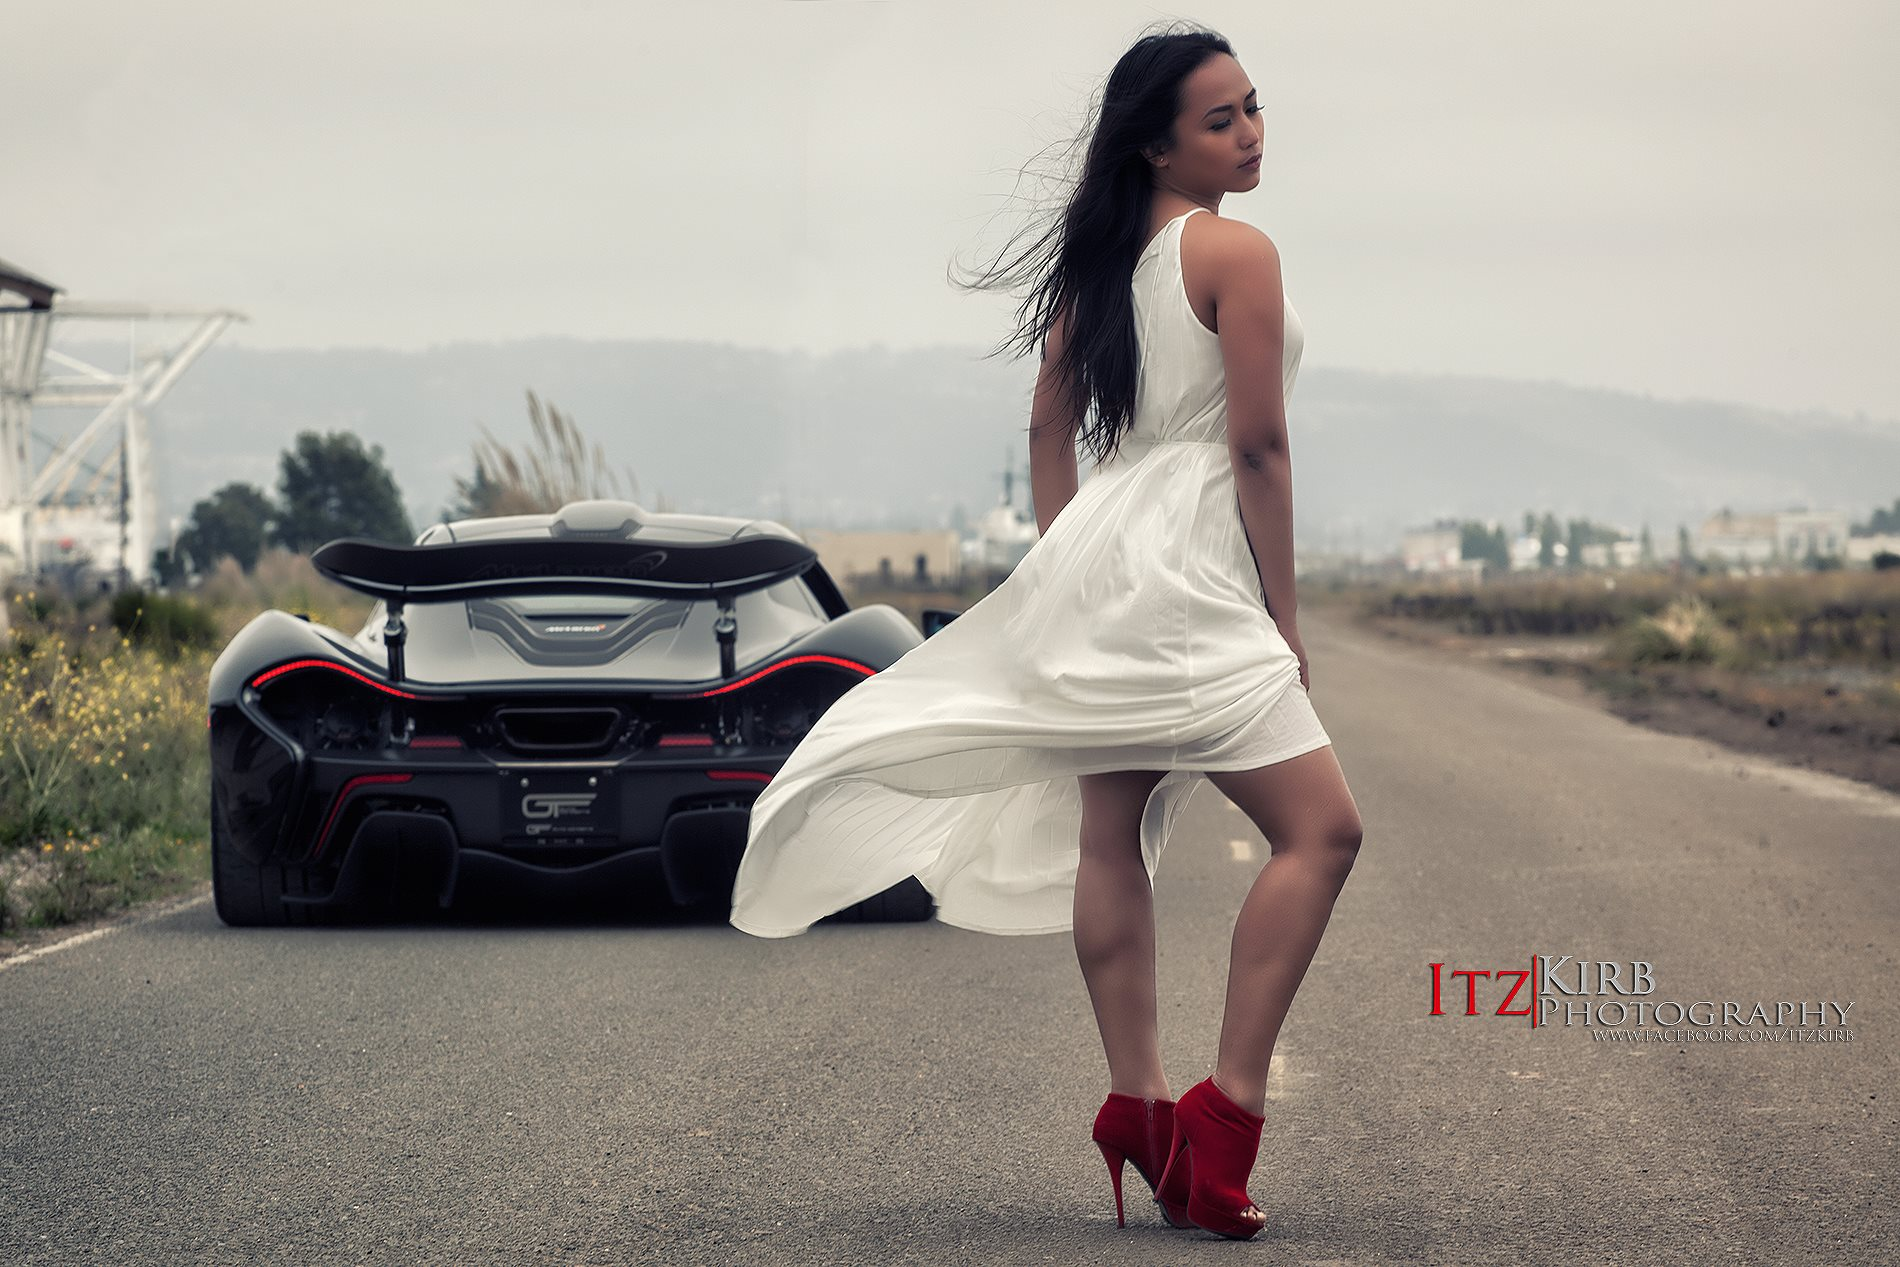 Cars And Girls Hottest Mclaren P1 Vs Girl Photoshoot Yet Gtspirit